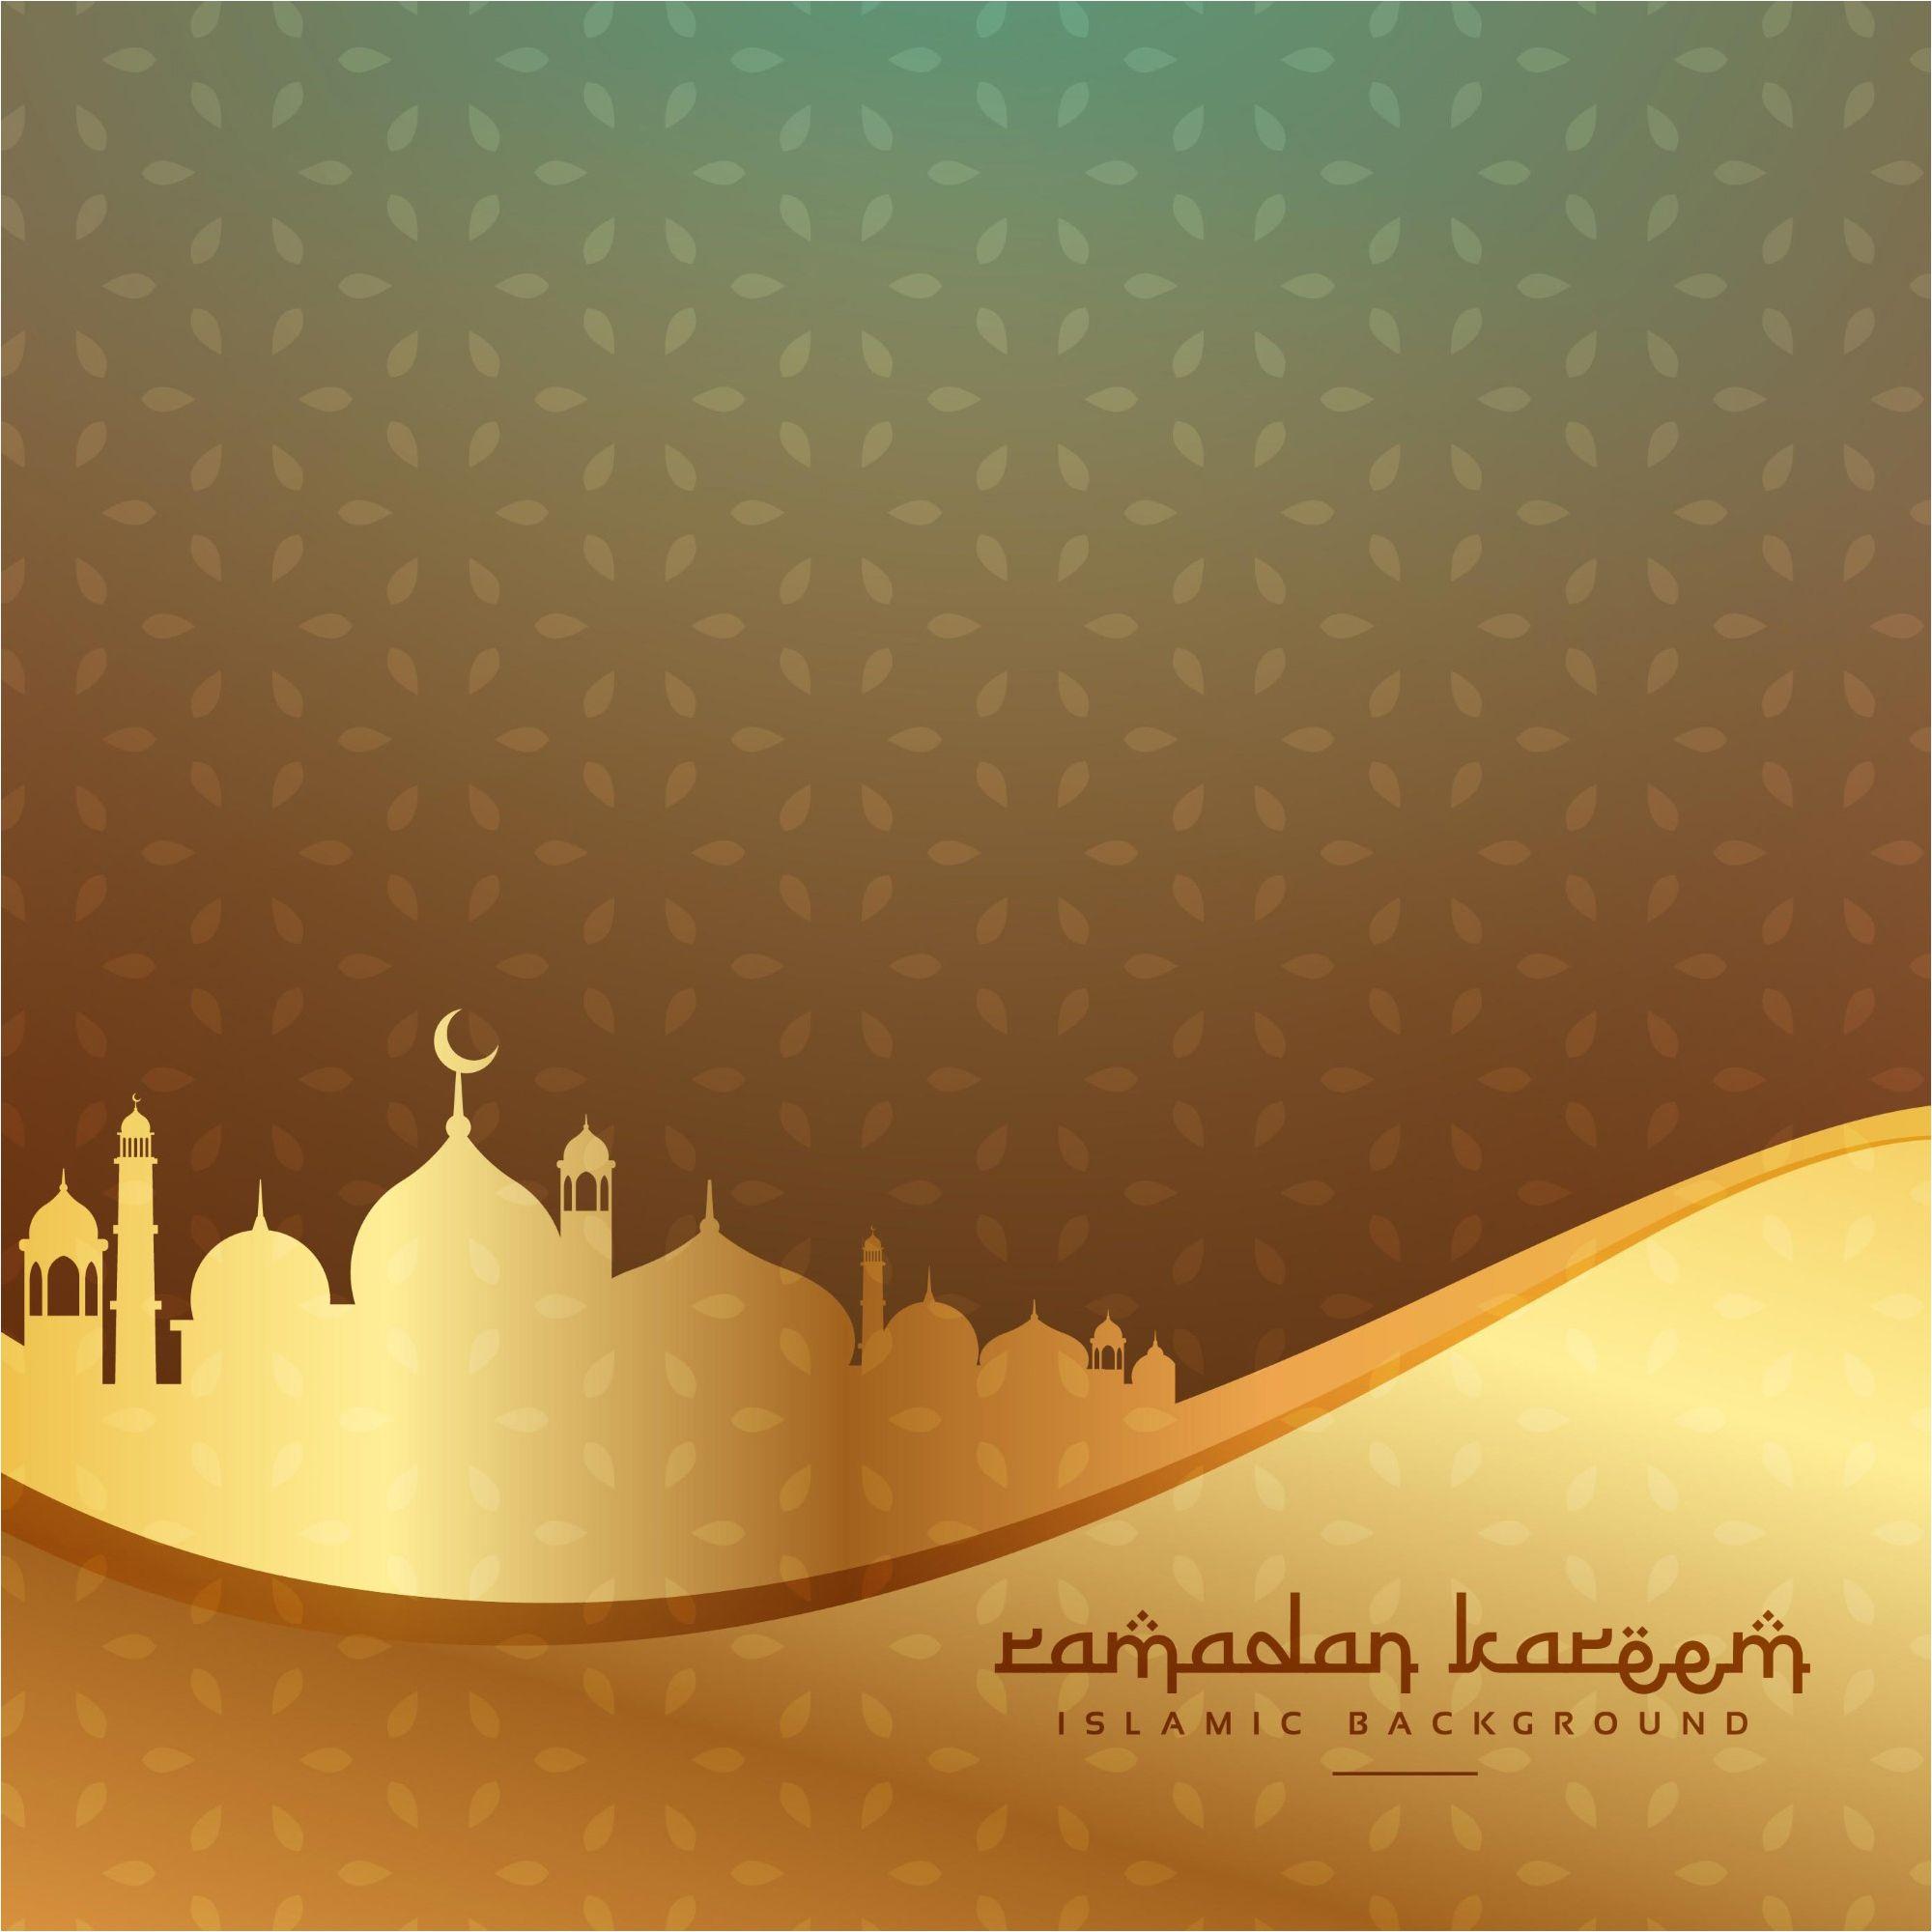 Pin By Vesliana Martio On Eid Mubarak Pinterest Eid Greeting